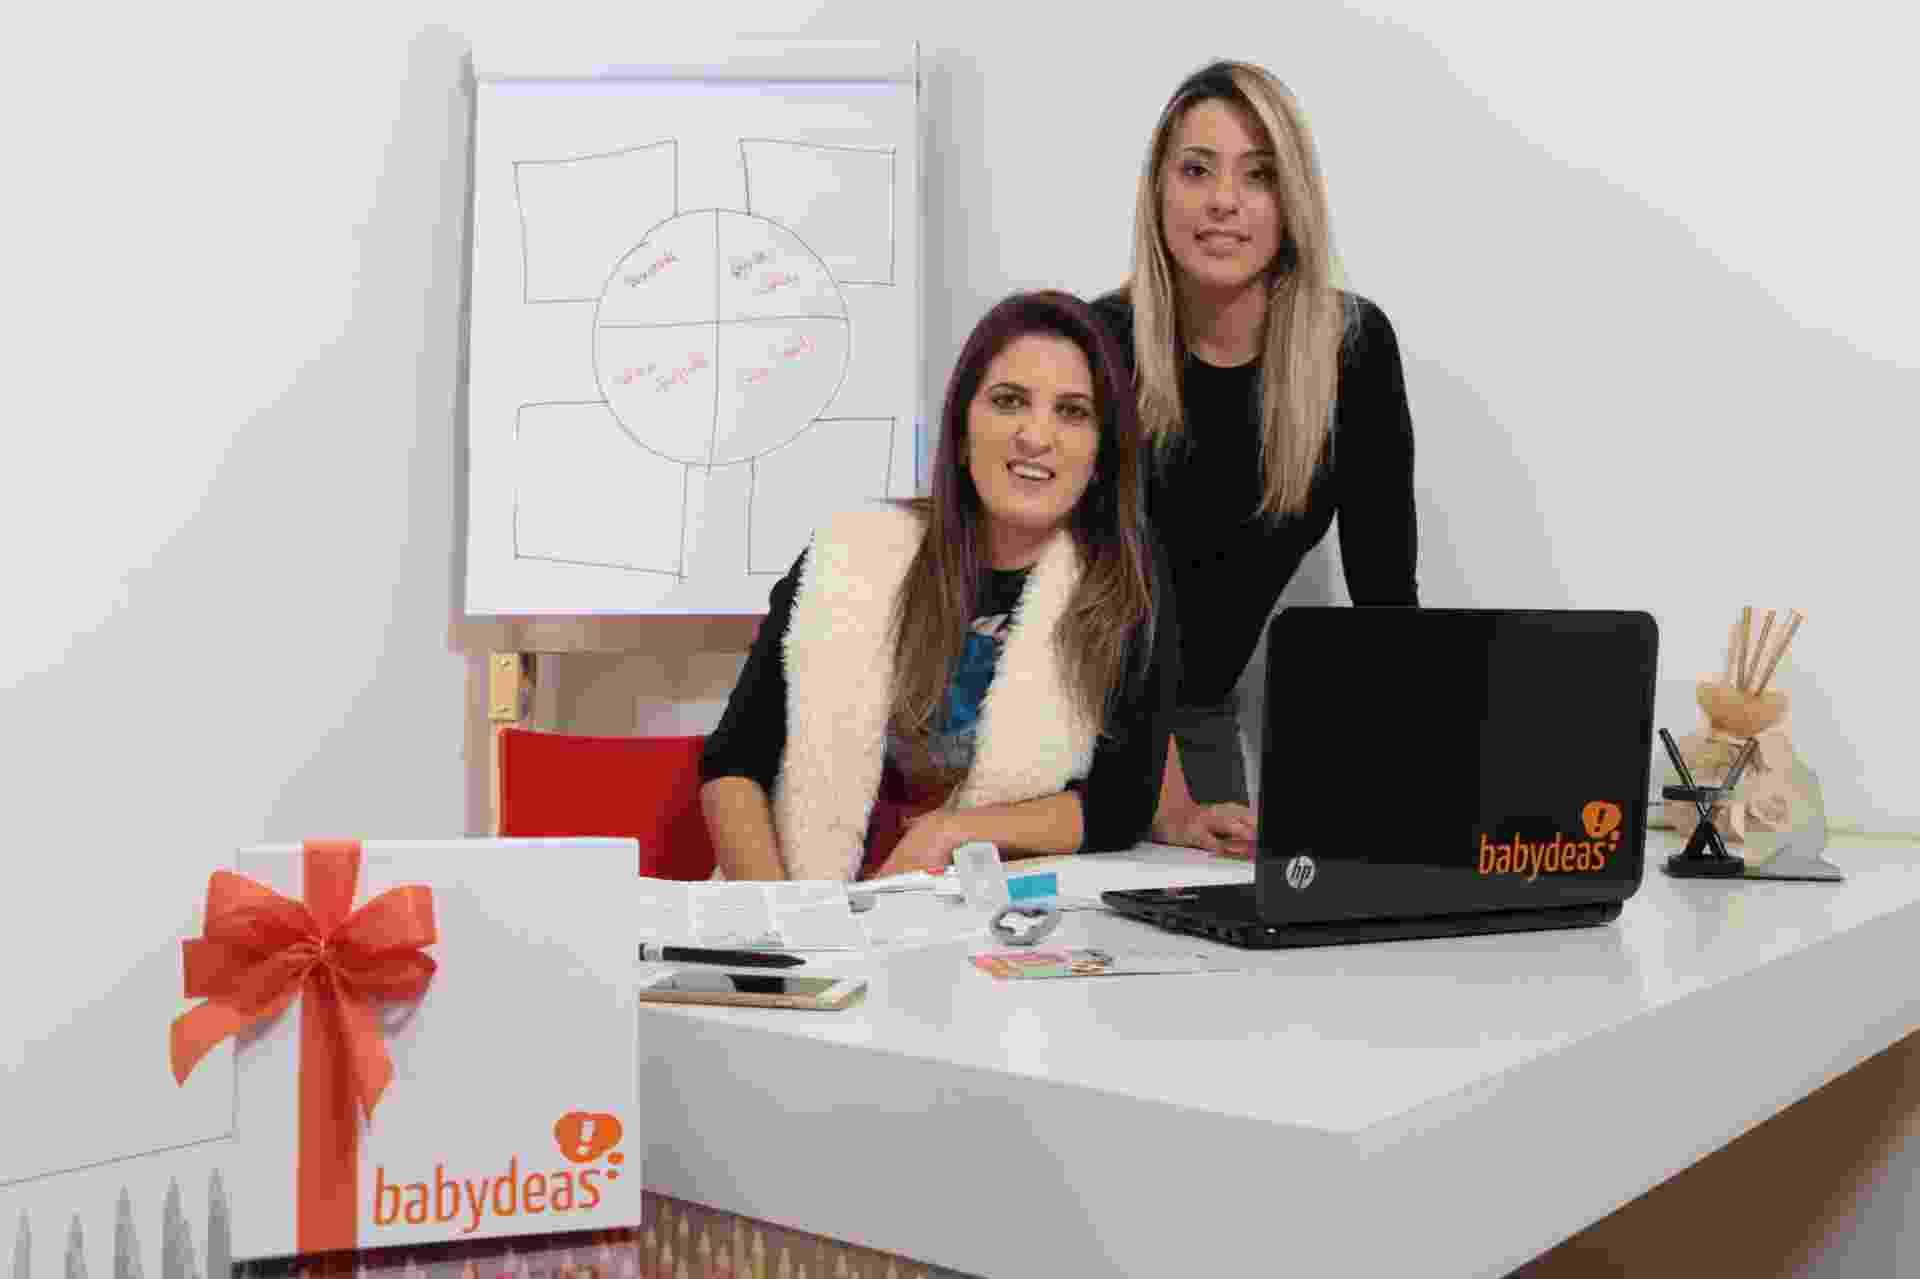 A administradora de empresas Jackeline Niehues e a biotecnóloga Elisa Machado são fundadoras da Babydeas, e-commerce de artigos de bebês - Divulgação